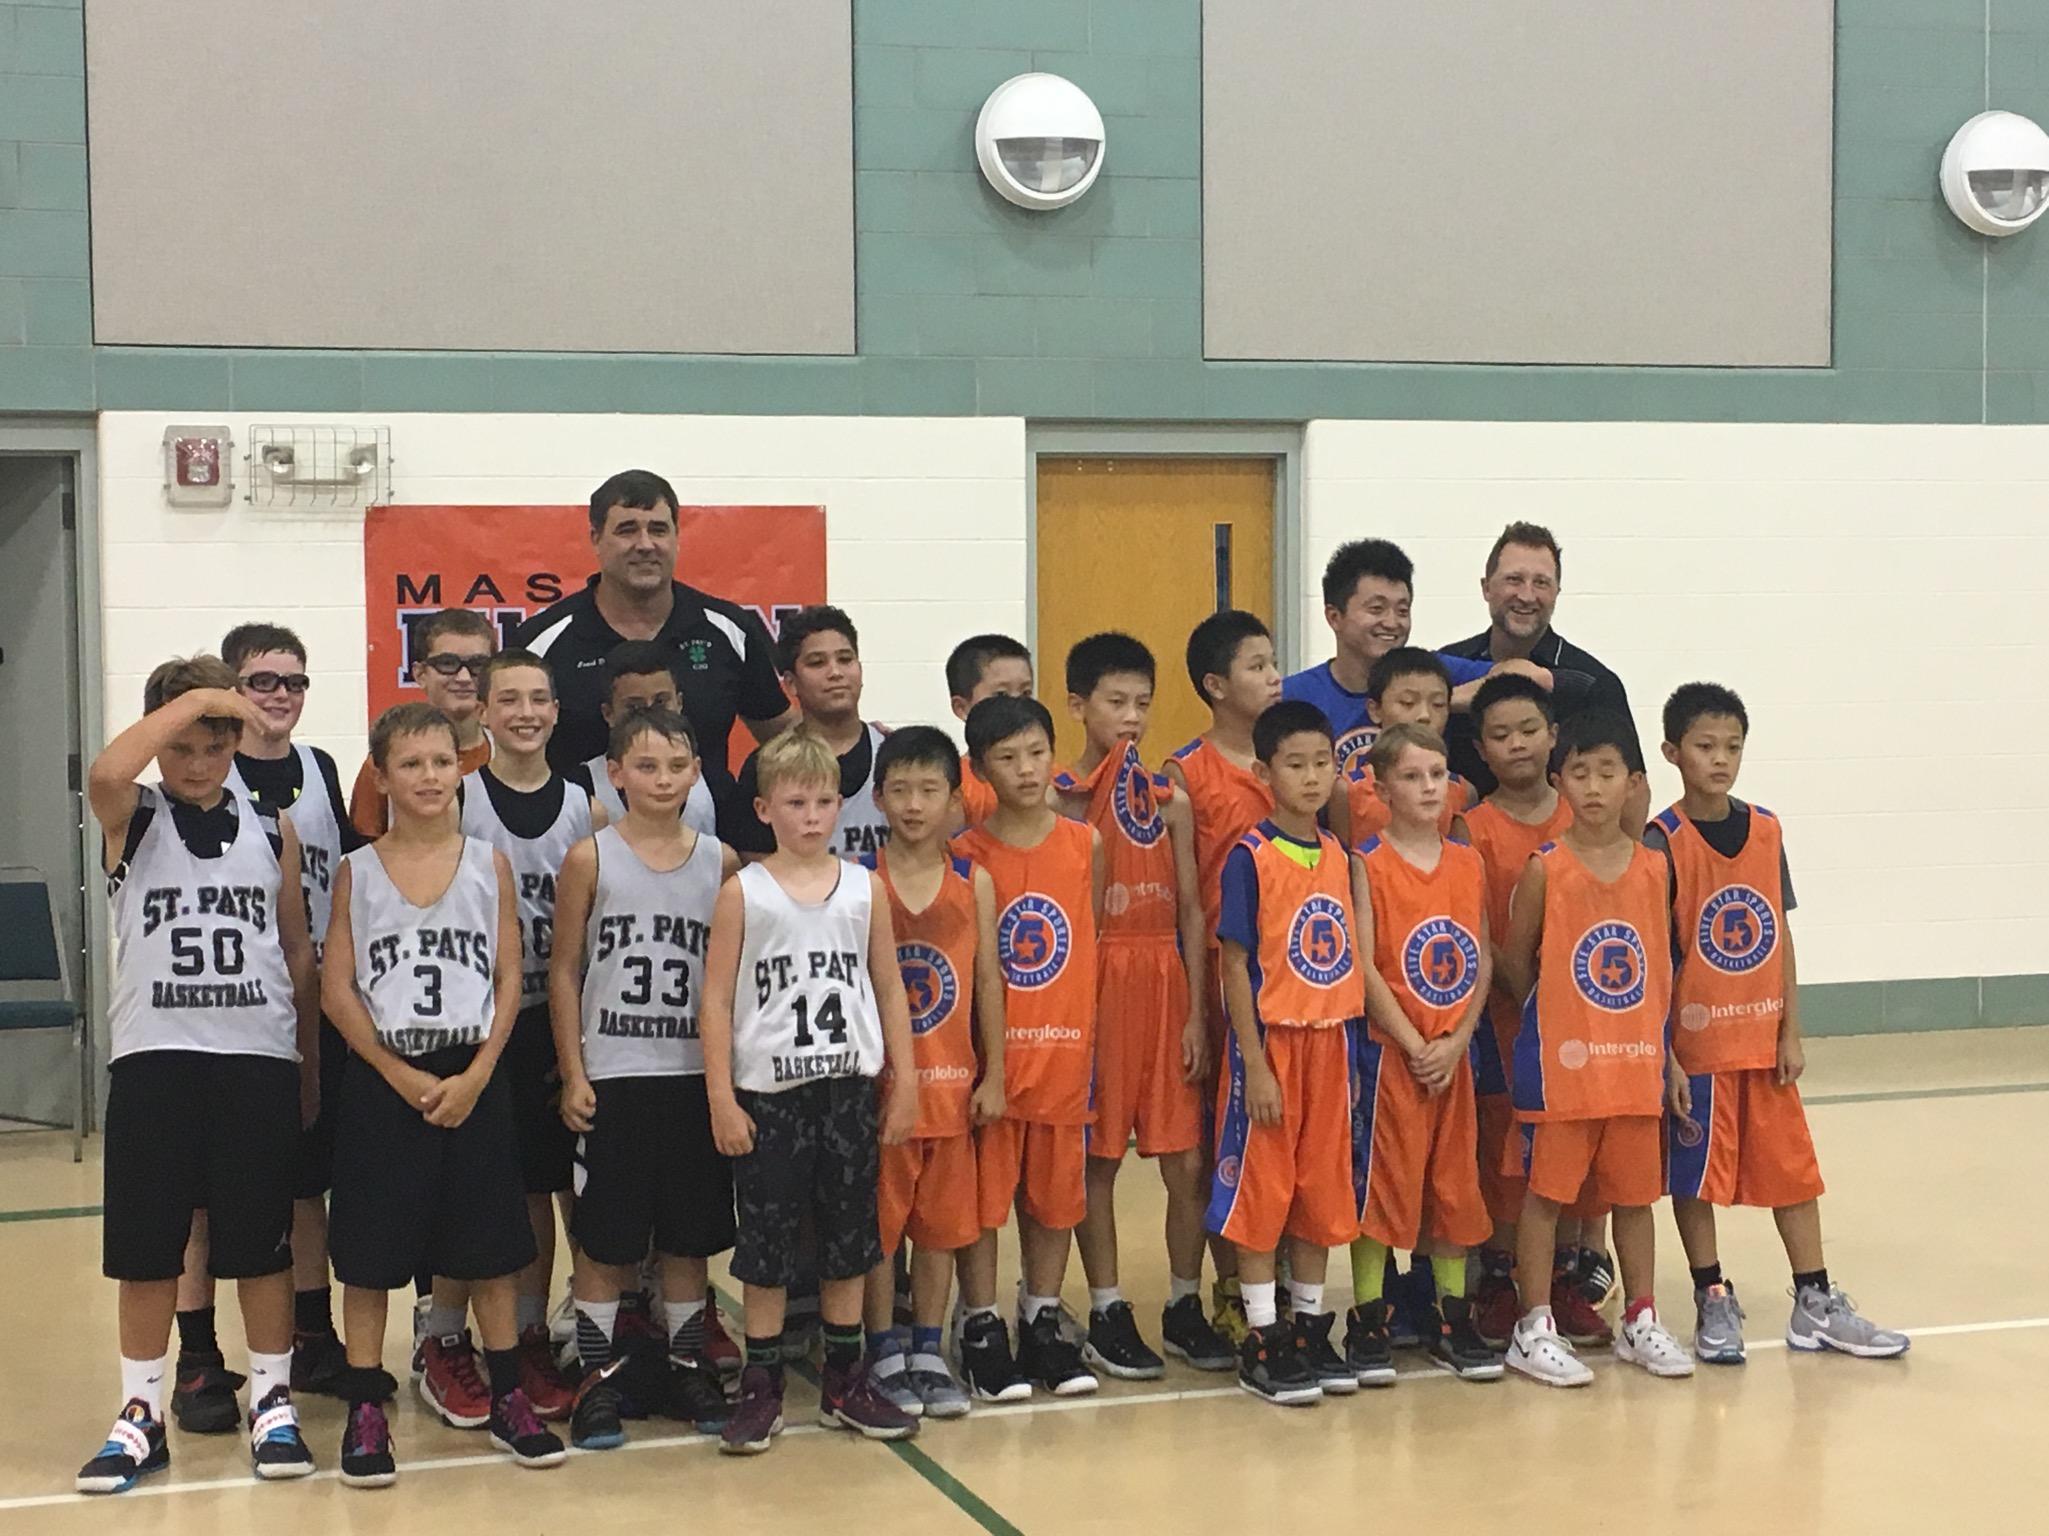 USA vs China Basketball Team